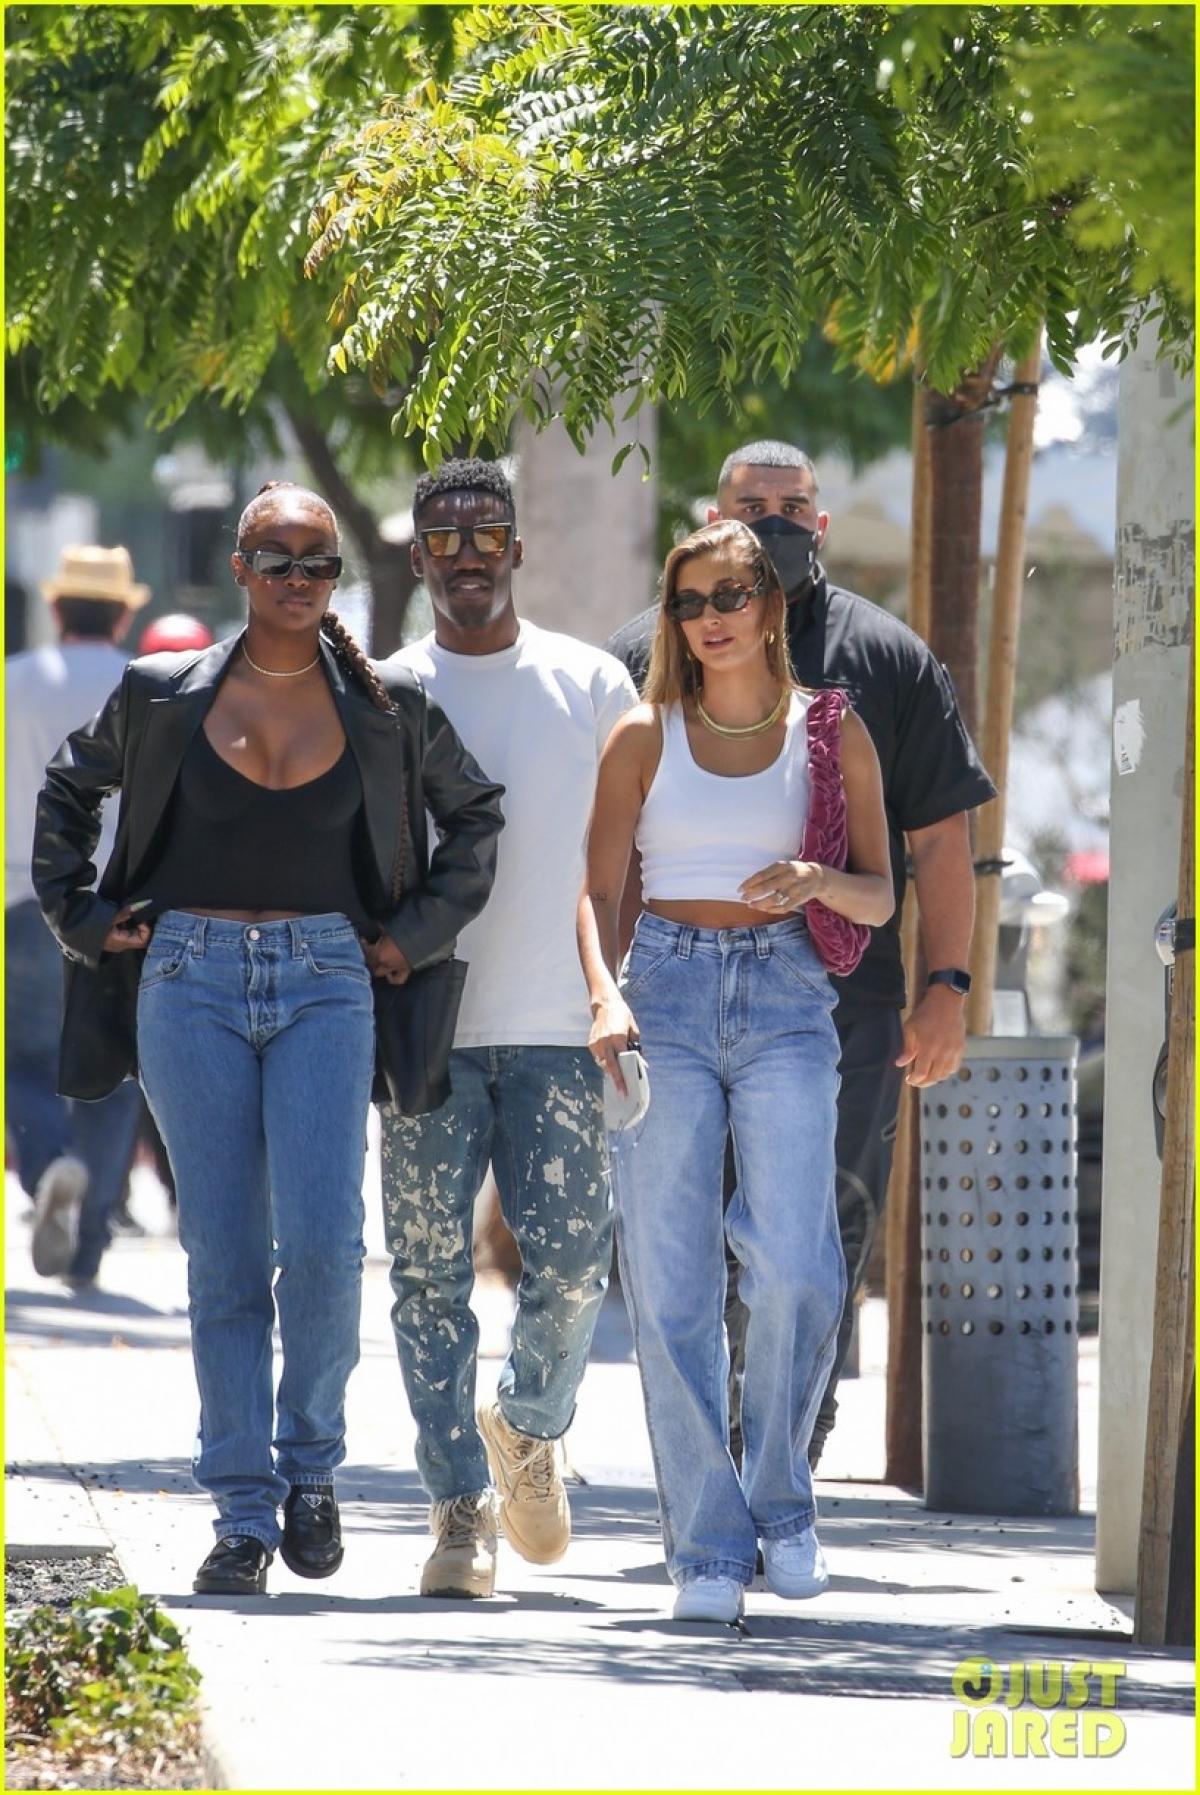 Ngày 10/6, Hailey Baldwin hào hứng đi ăn trưa cùng những người bạn ở California.